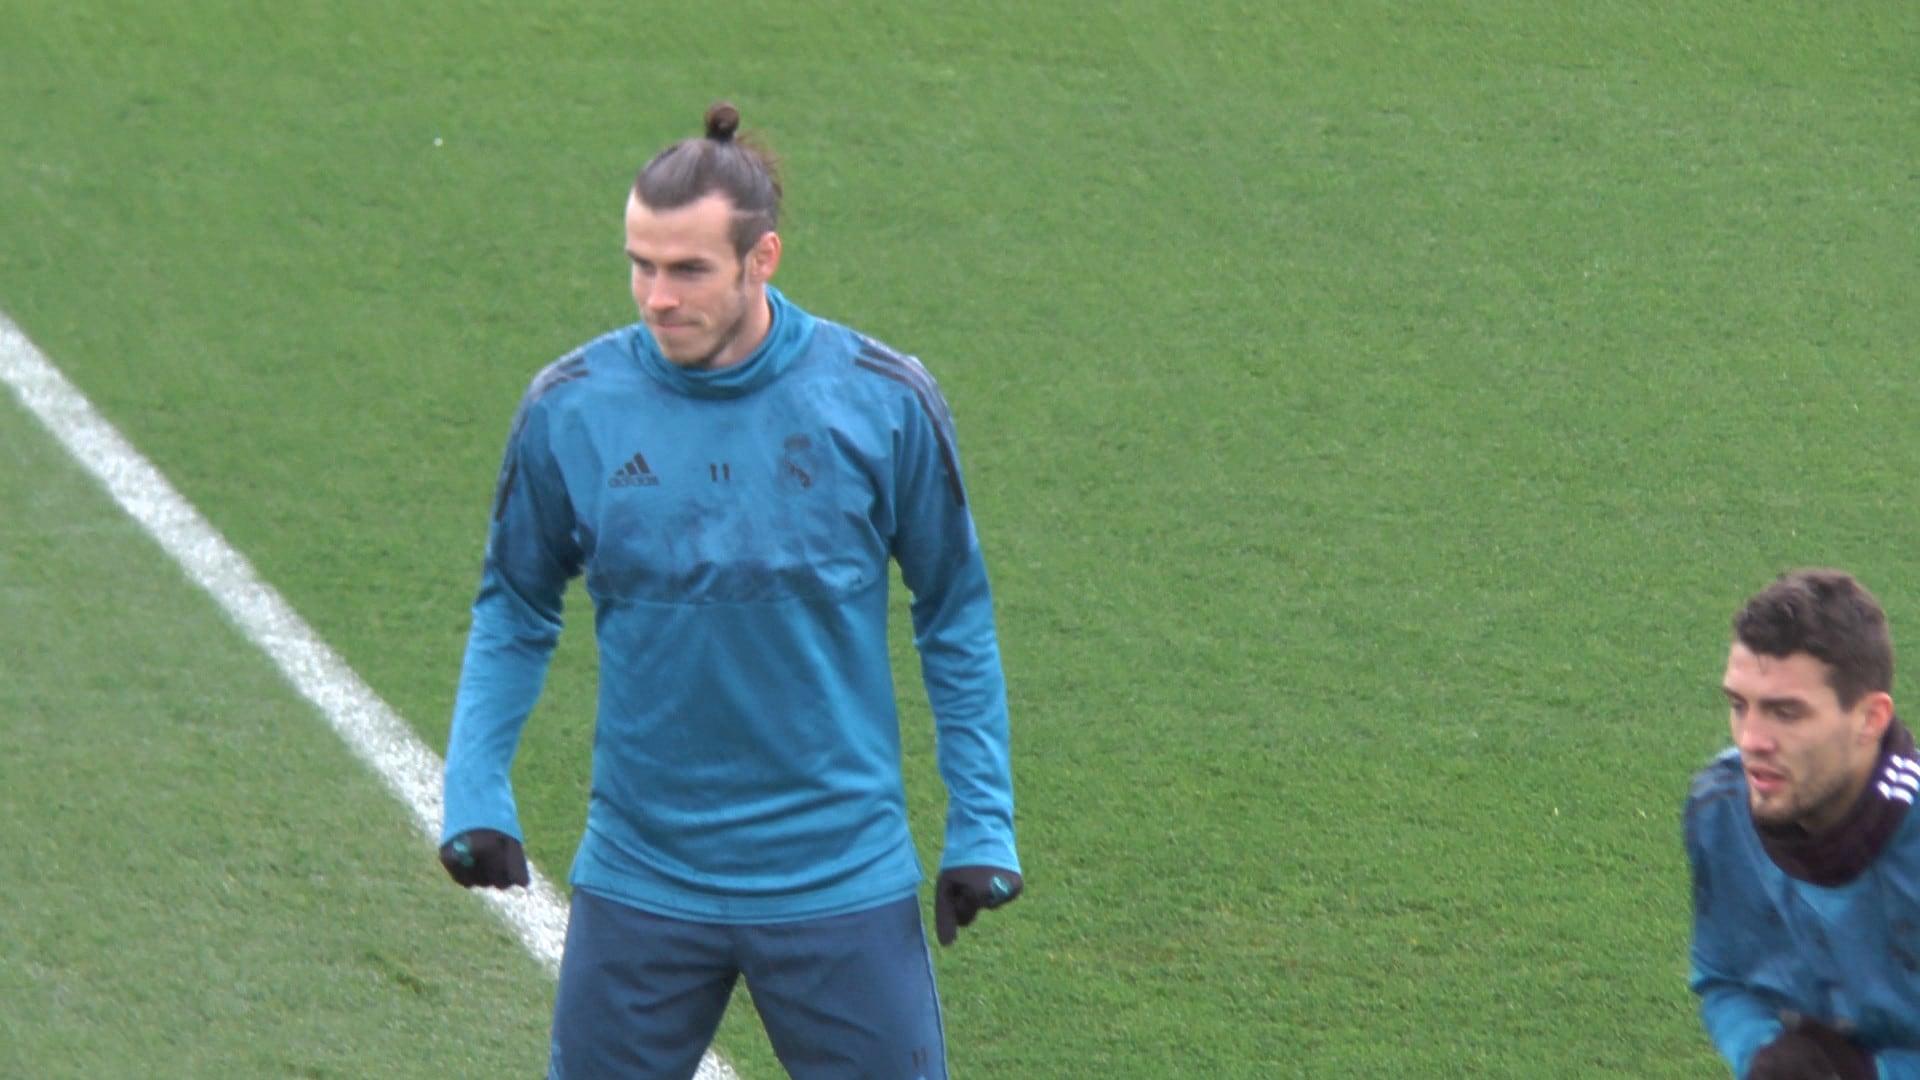 Mercato: Tottenham insoddisfatto, Bale verso il rientro a Madrid?